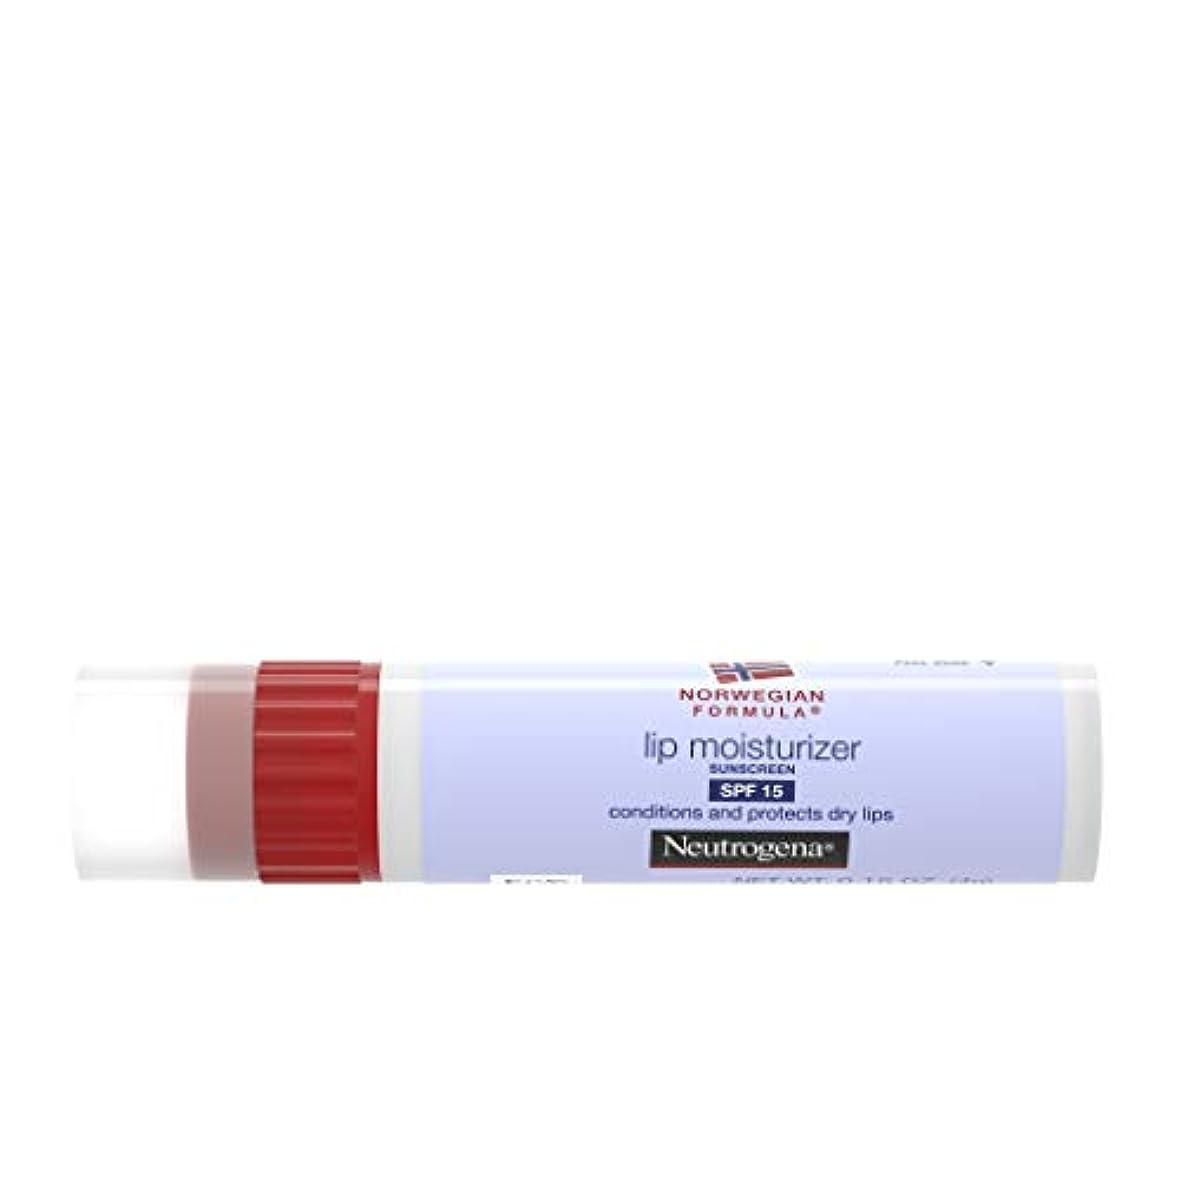 演じる願望約束するNeutrogena Norwegian Formula Lip Moisturizer, SPF 15, 0.15 Ounce (並行輸入品)